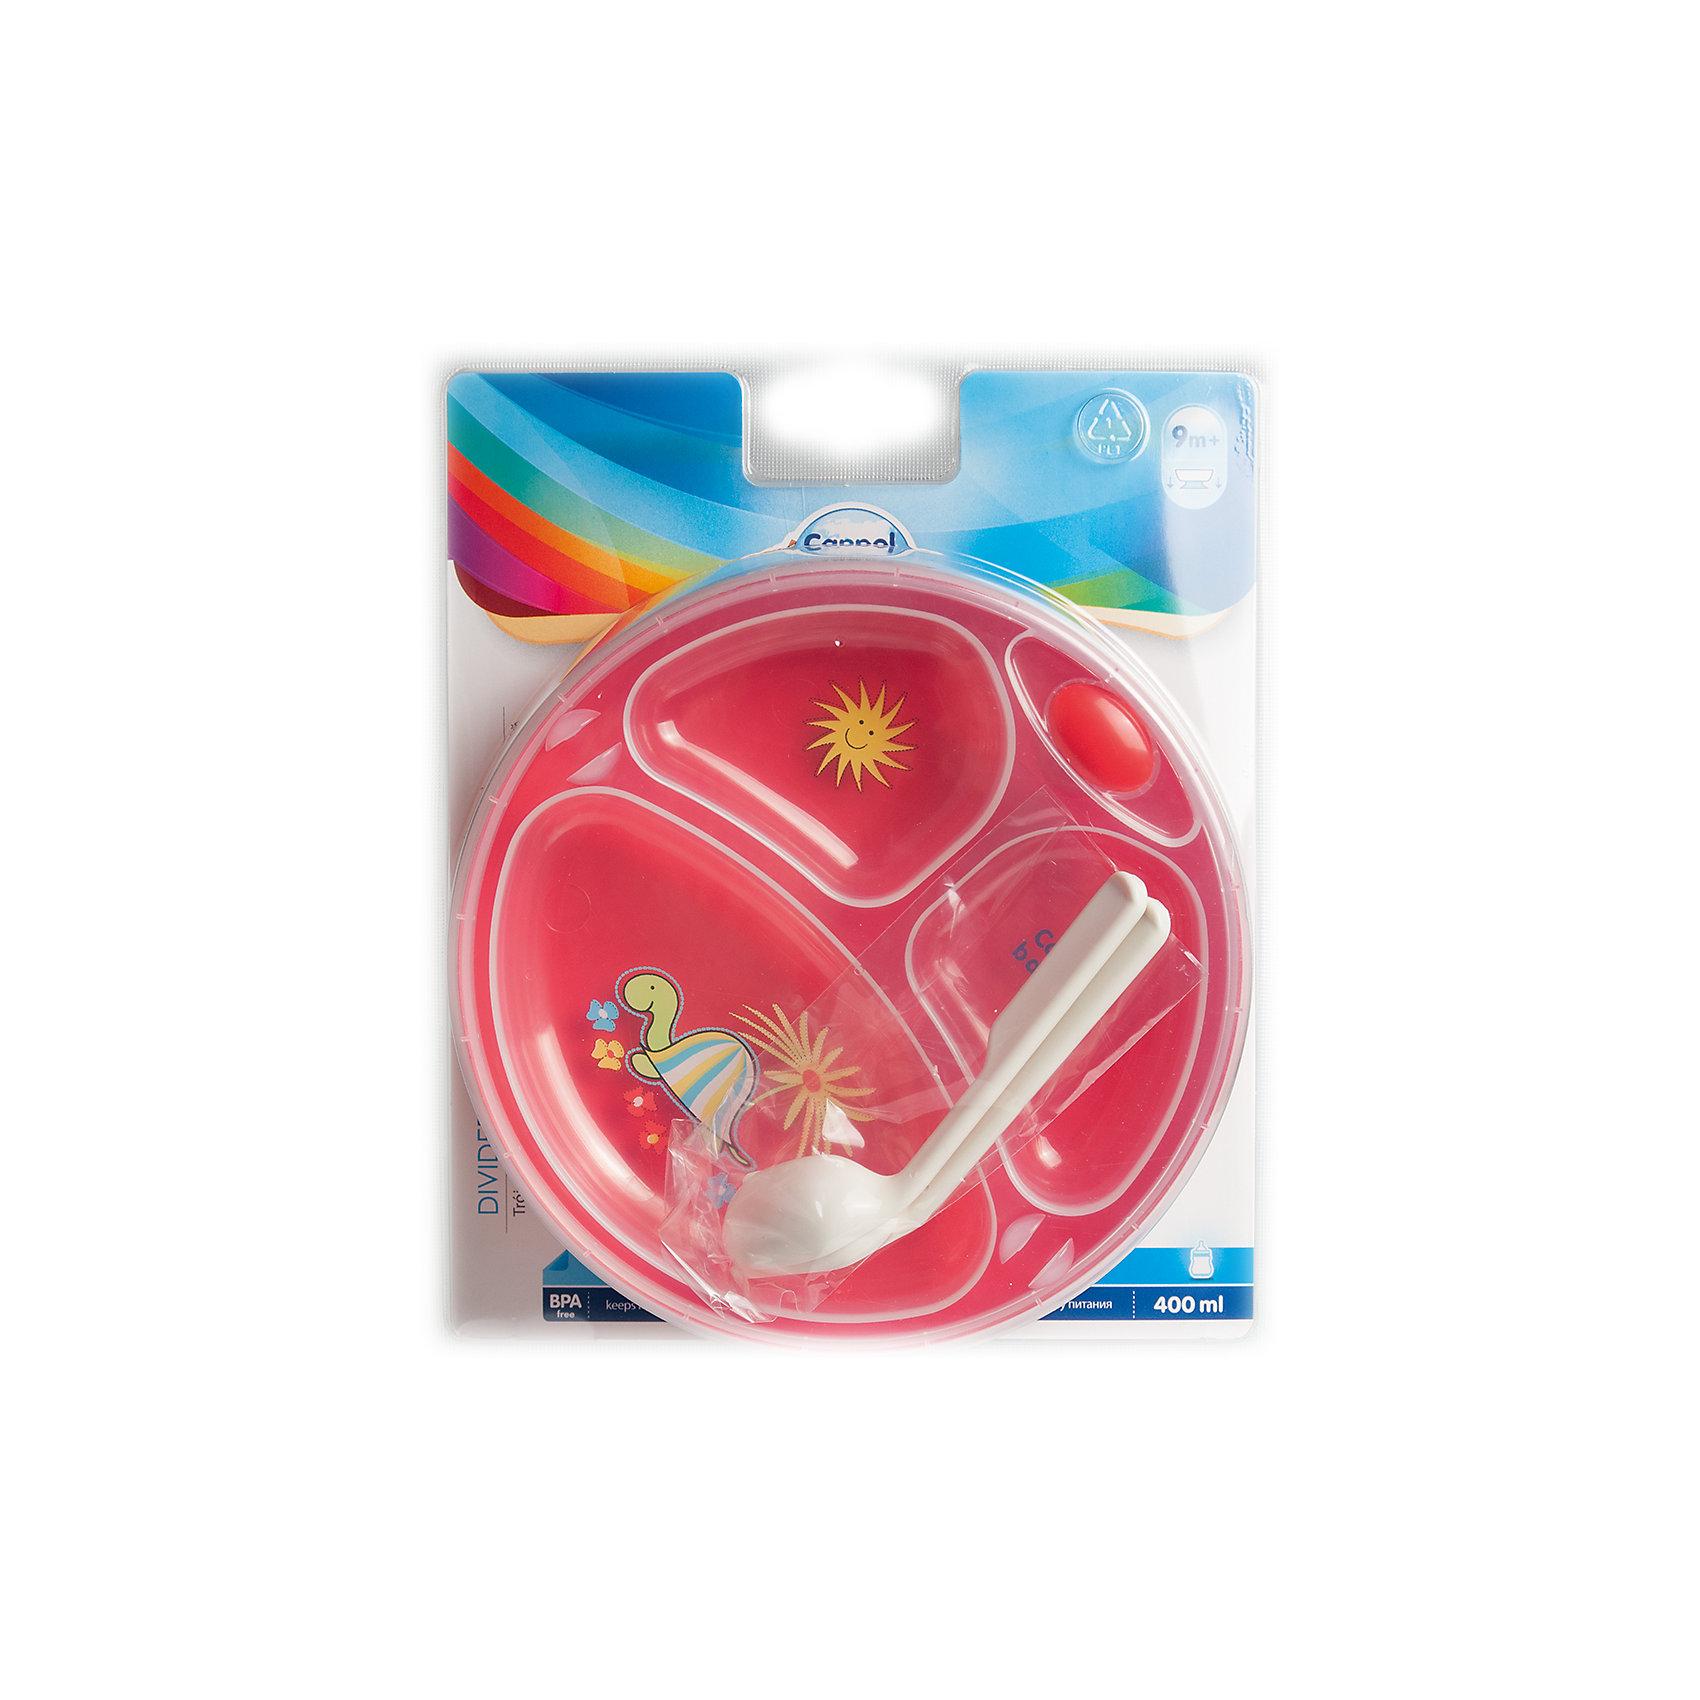 Термотарелка с ложкой и вилкой Colourful animals, 9+, Canpol Babies, красныйНаборы посуды<br>Термотарелка с ложкой и вилкой Colourful animals, 9+, Canpol Babies (Канпол беби), красный.<br><br>Характеристики:<br>• есть три отсека для еды<br>• антискользящее дно<br>• ложка и вилка в комплекте<br>• материалы безопасны для ребенка<br>• размер: 20х20х10<br>• вес: 200 грамм<br>• цвет: красный<br>• материал: полипропилен <br>• объем: 120 мл<br><br>Термотарелка Colourful animals сохранит еду для малыша теплой в течение длительного времени. Специальный замочек плотно закрывает резервуар для теплой воды. Тарелка имеет три отсека, что очень удобно при подаче нескольких блюд, которые не желательно смешивать. В комплект входят ложка и вилка с удобной ручкой. Тарелка имеет антискользящее дно, благодаря которому малыш не сможет опрокинуть посуду. Интересный рисунок на дне стимулирует интерес к пище. С этой тарелкой кроха будет есть с удовольствием!<br><br>Термотарелка с ложкой и вилкой Colourful animals, 9+, Canpol Babies (Канпол беби), красный вы можете купить в нашем интернет-магазине.<br><br>Ширина мм: 220<br>Глубина мм: 65<br>Высота мм: 260<br>Вес г: 1900<br>Возраст от месяцев: 9<br>Возраст до месяцев: 36<br>Пол: Унисекс<br>Возраст: Детский<br>SKU: 5156698